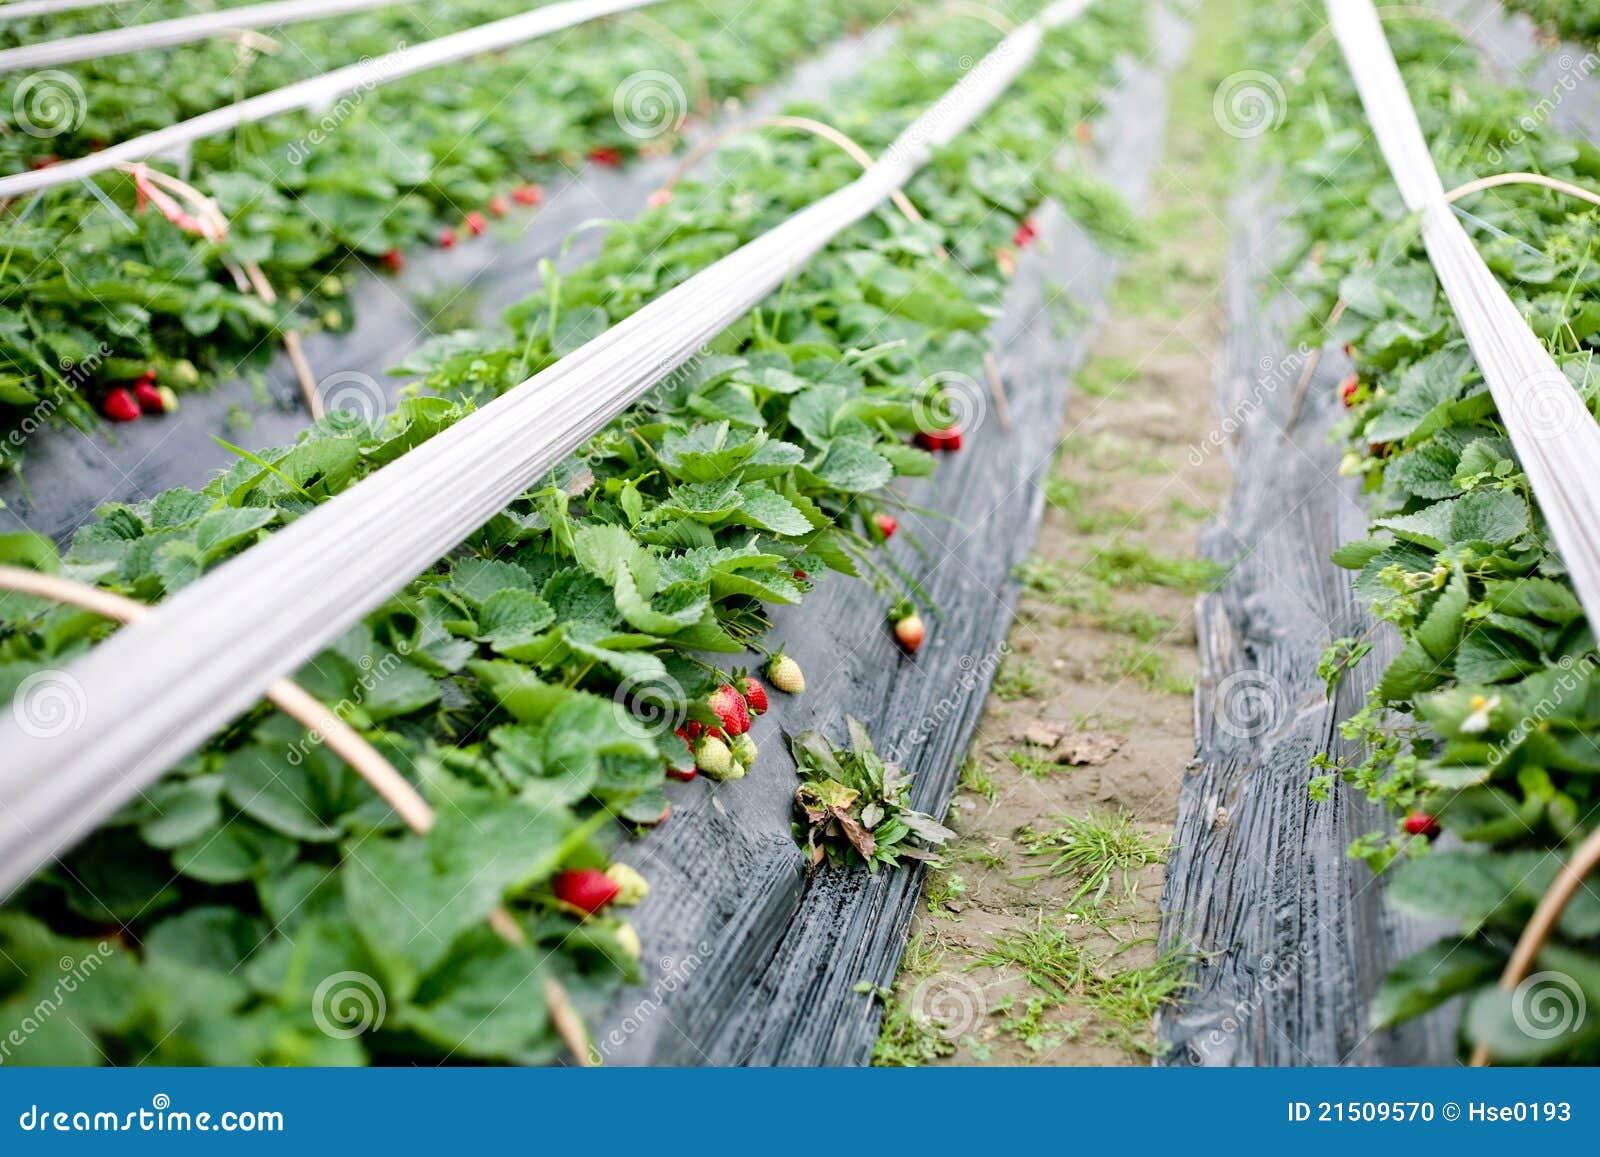 Estufa para morangos foto de stock imagem 21509570 - Foto estufa ...